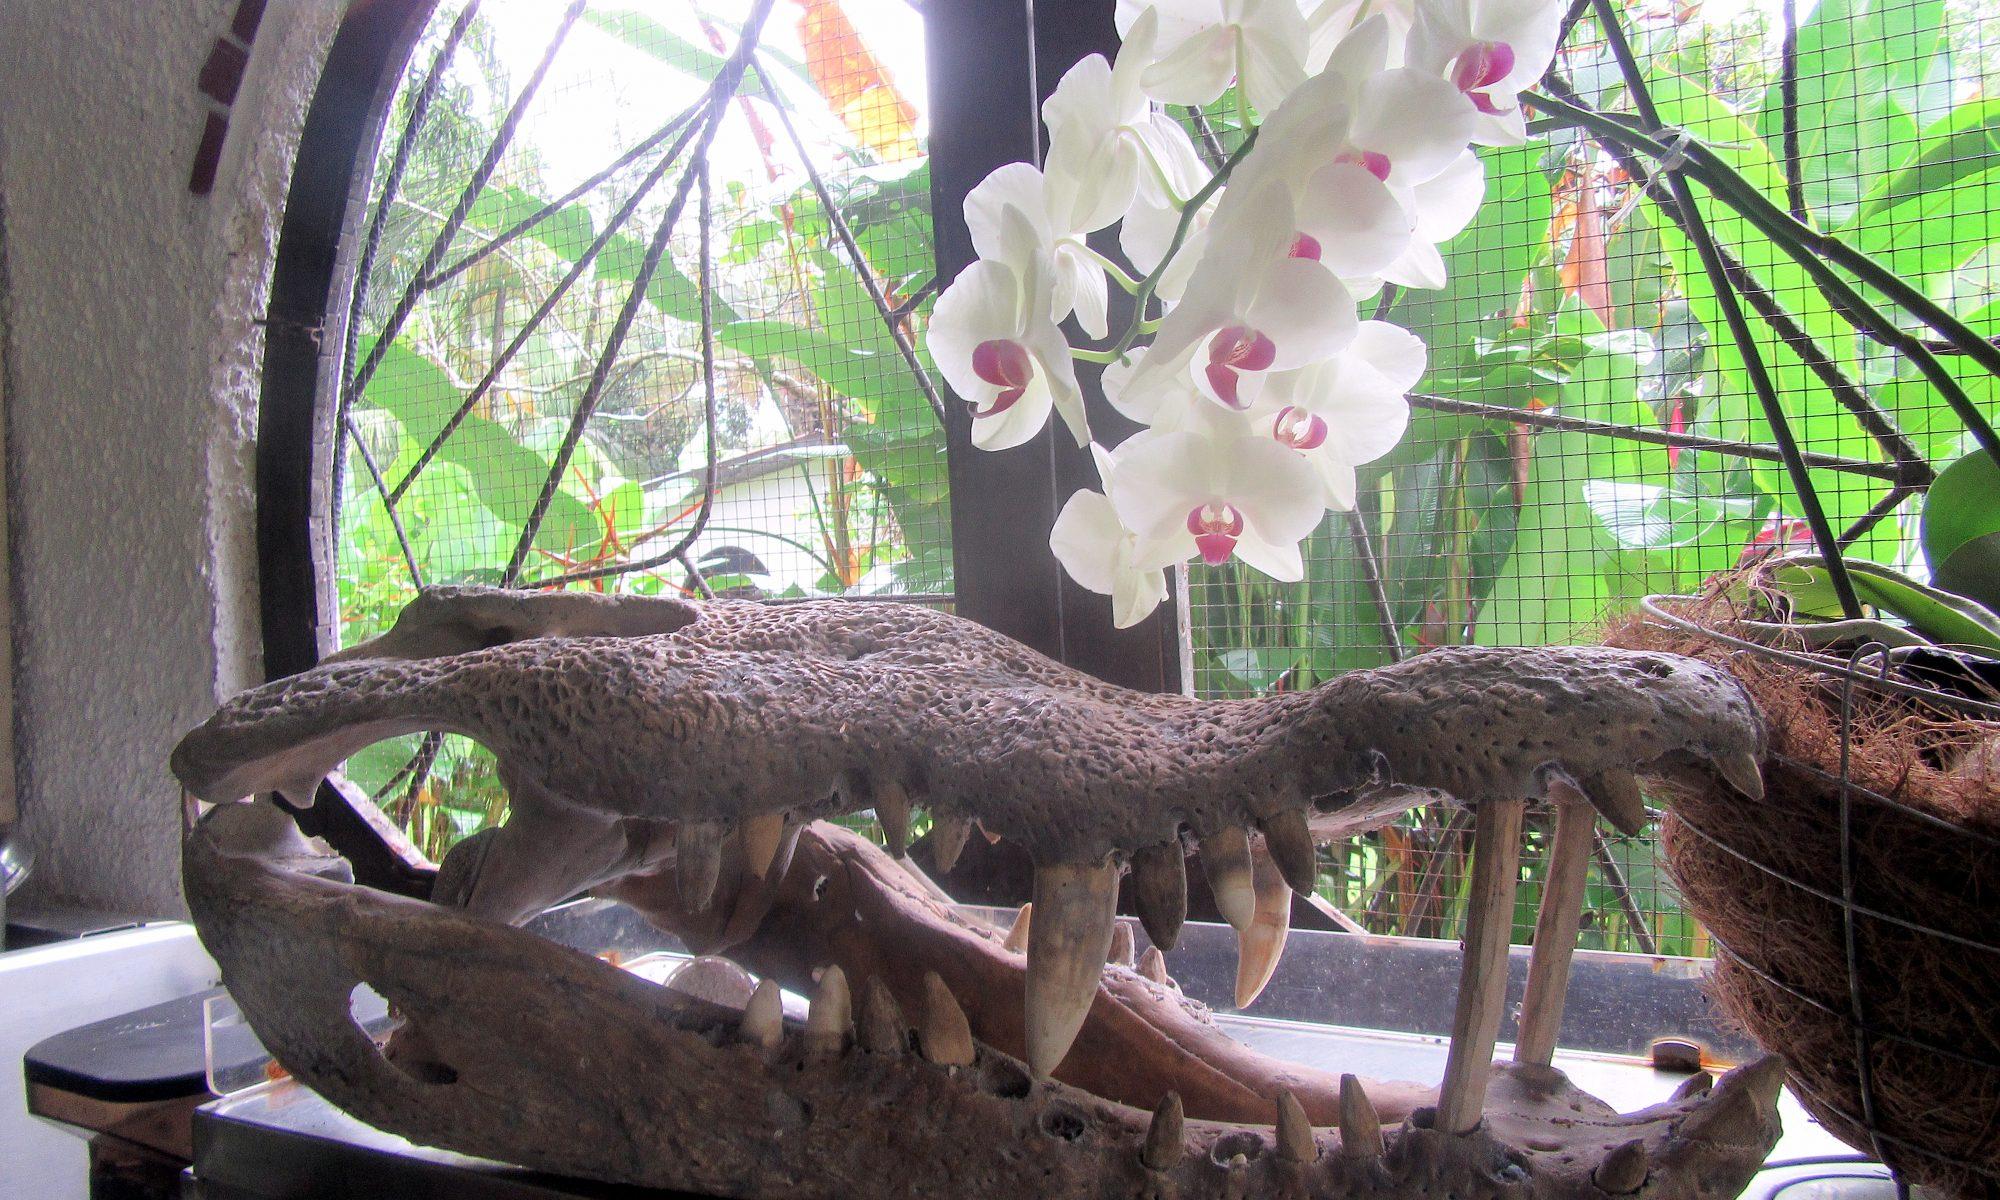 Krokodil Tempisque